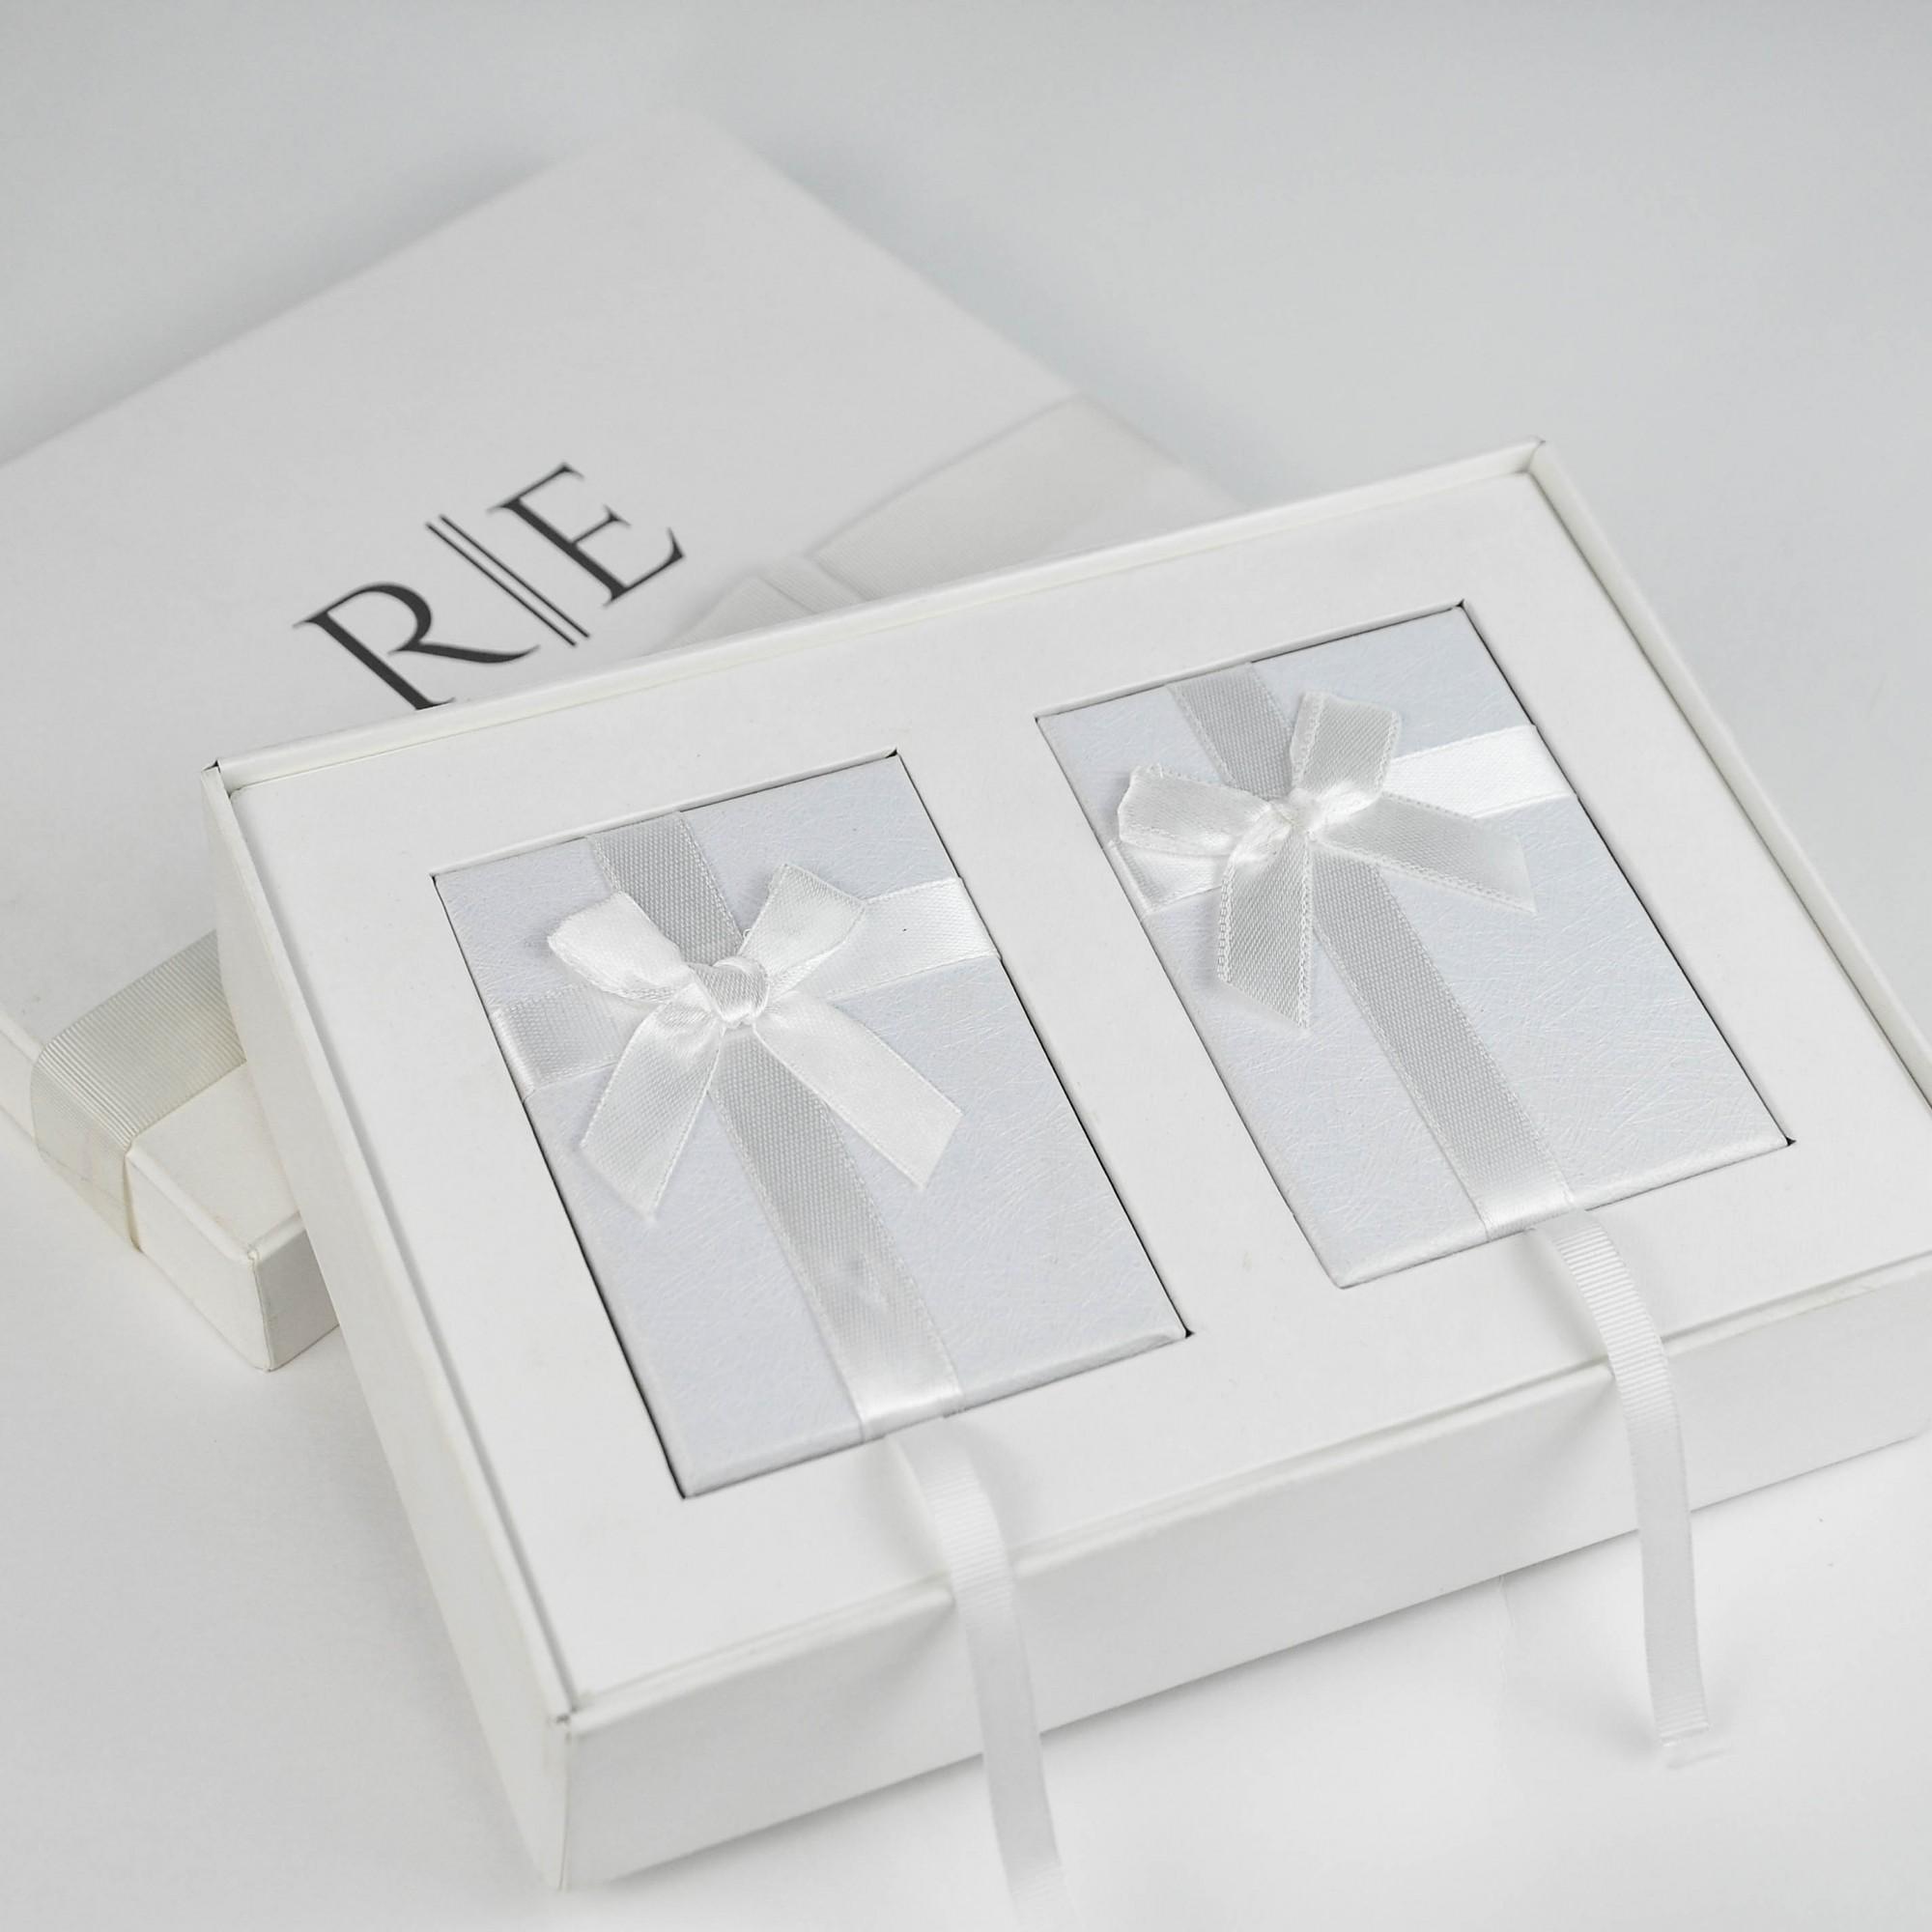 10 Kits Completos para Padrinhos, contendo (cada kit), Box Personalizada, 1 escapulário Masculino de Aço e 1 Feminino de Prata 925